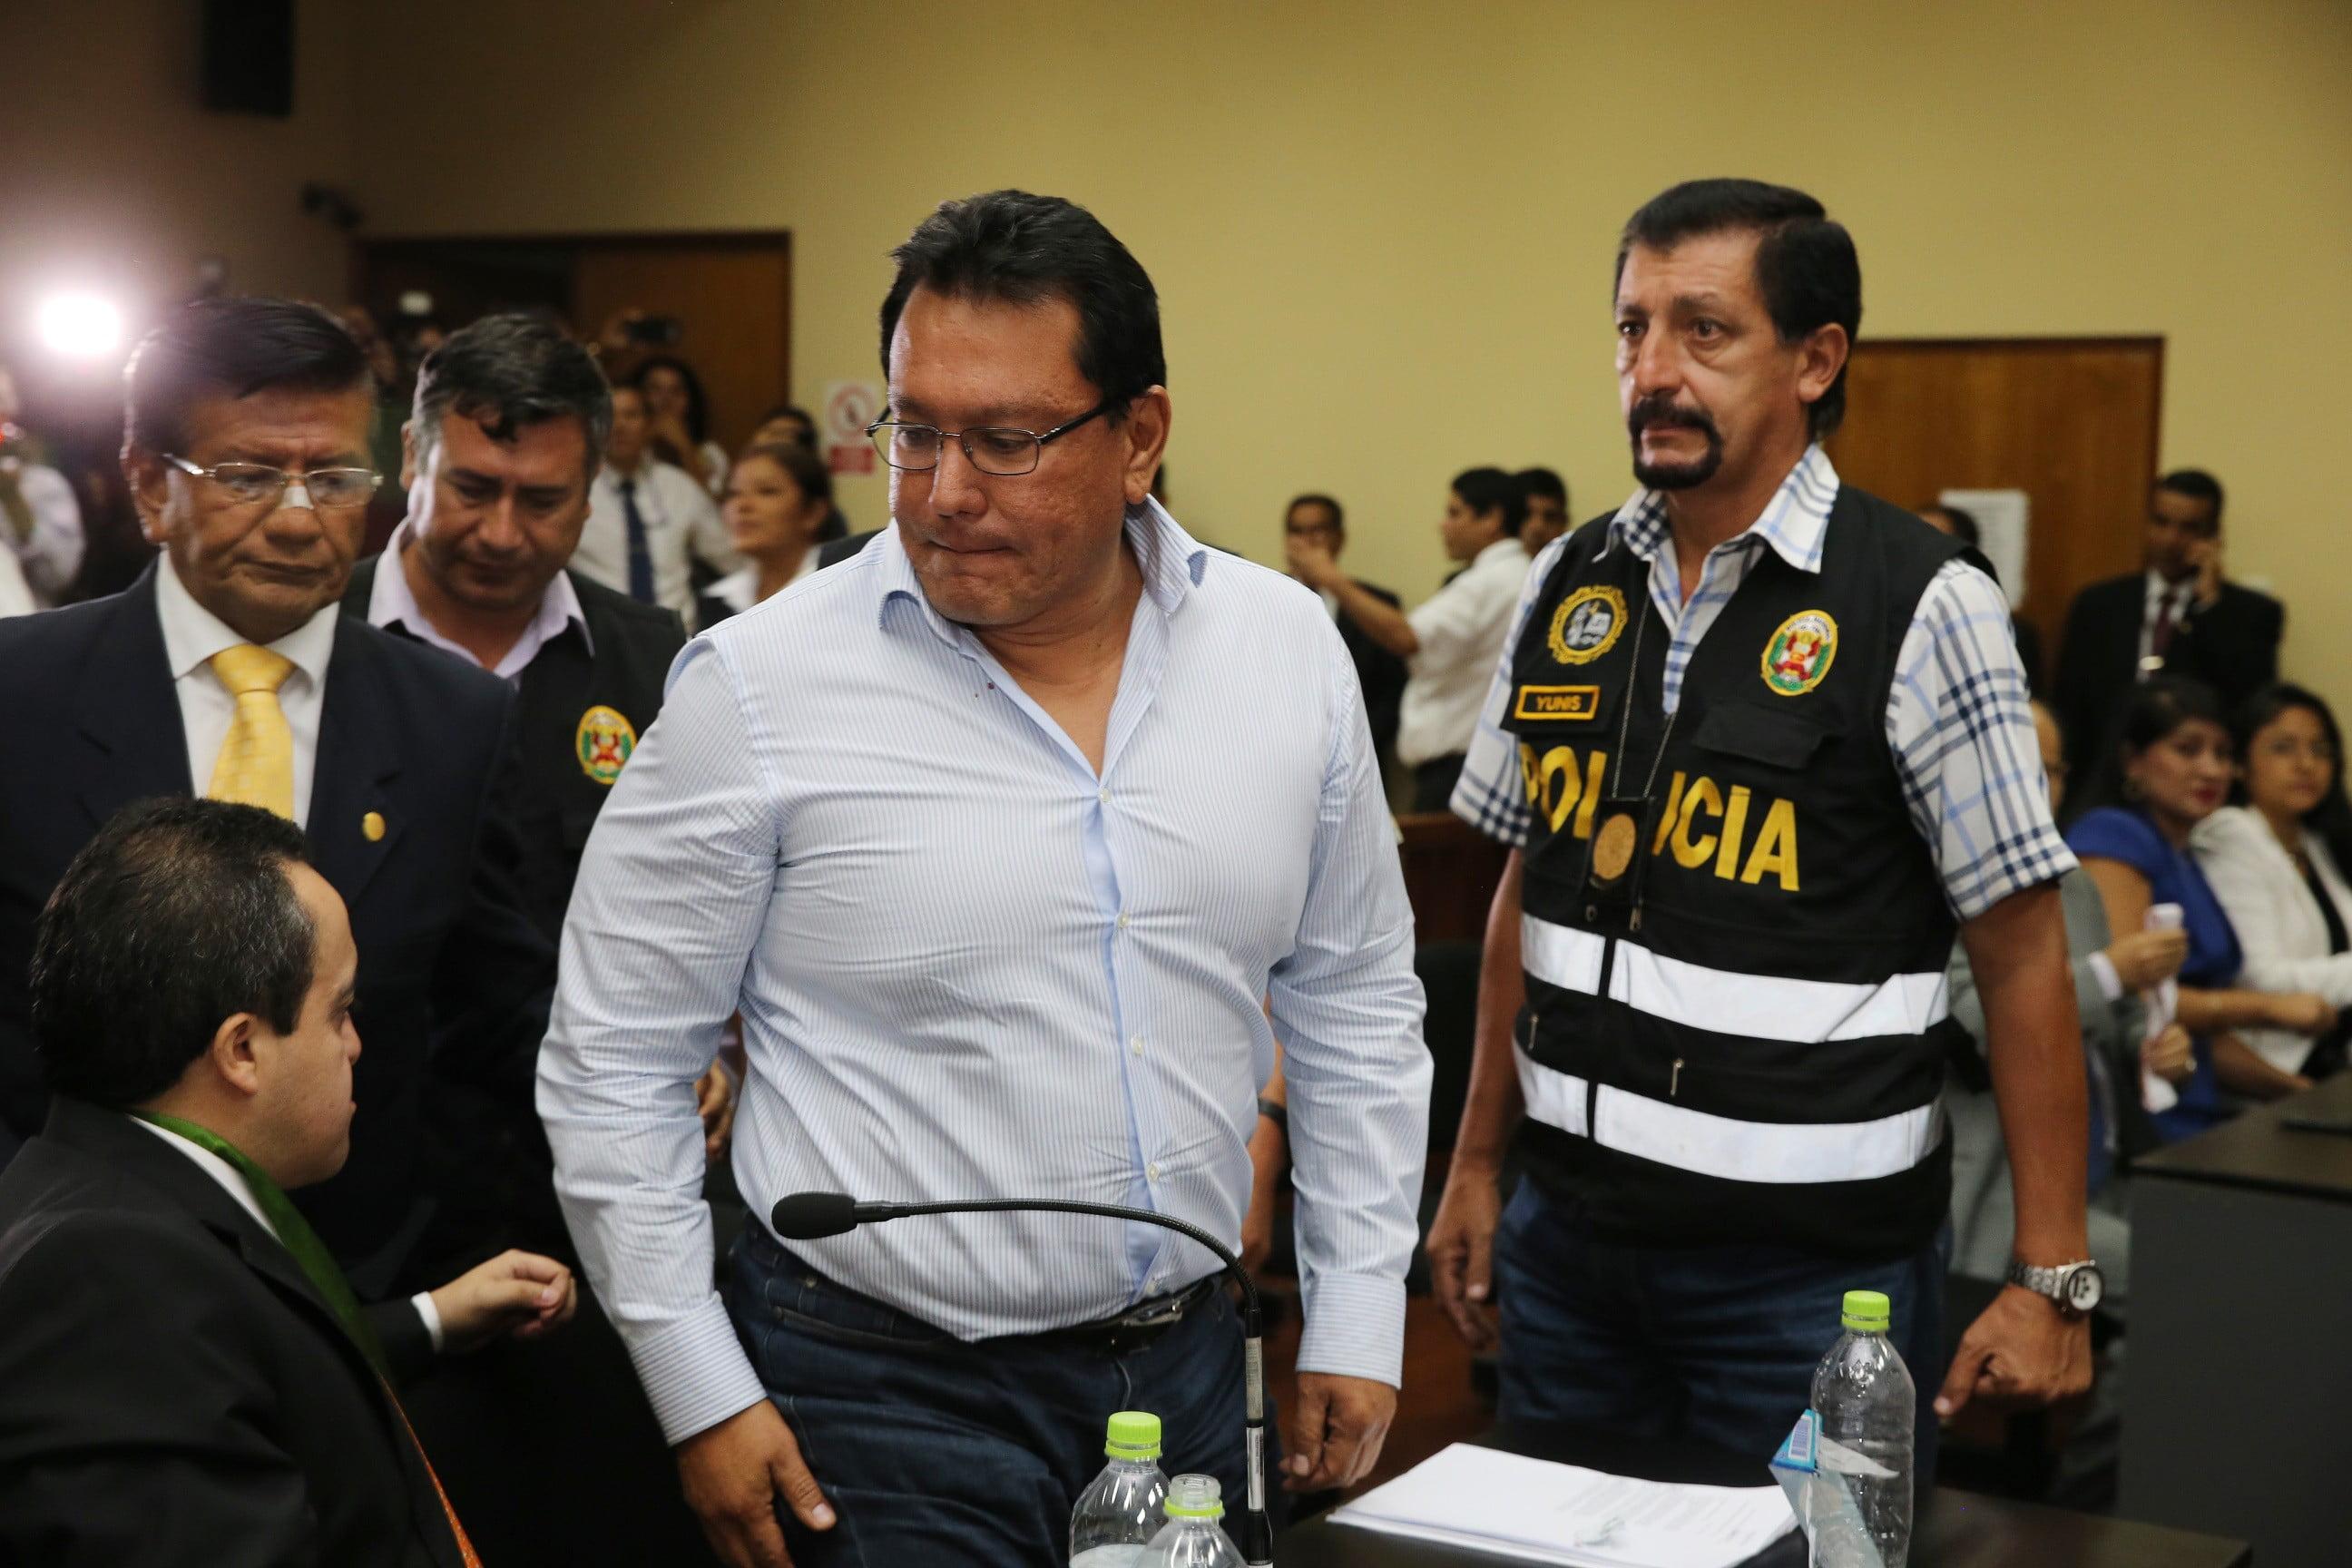 El titular del Tercer Juzgado de Investigación Preparatoria Nacional, Ricardo Manrique, ordenó esta noche la prisión preventiva por 18 meses del gobernador regional del Callao, Félix Moreno